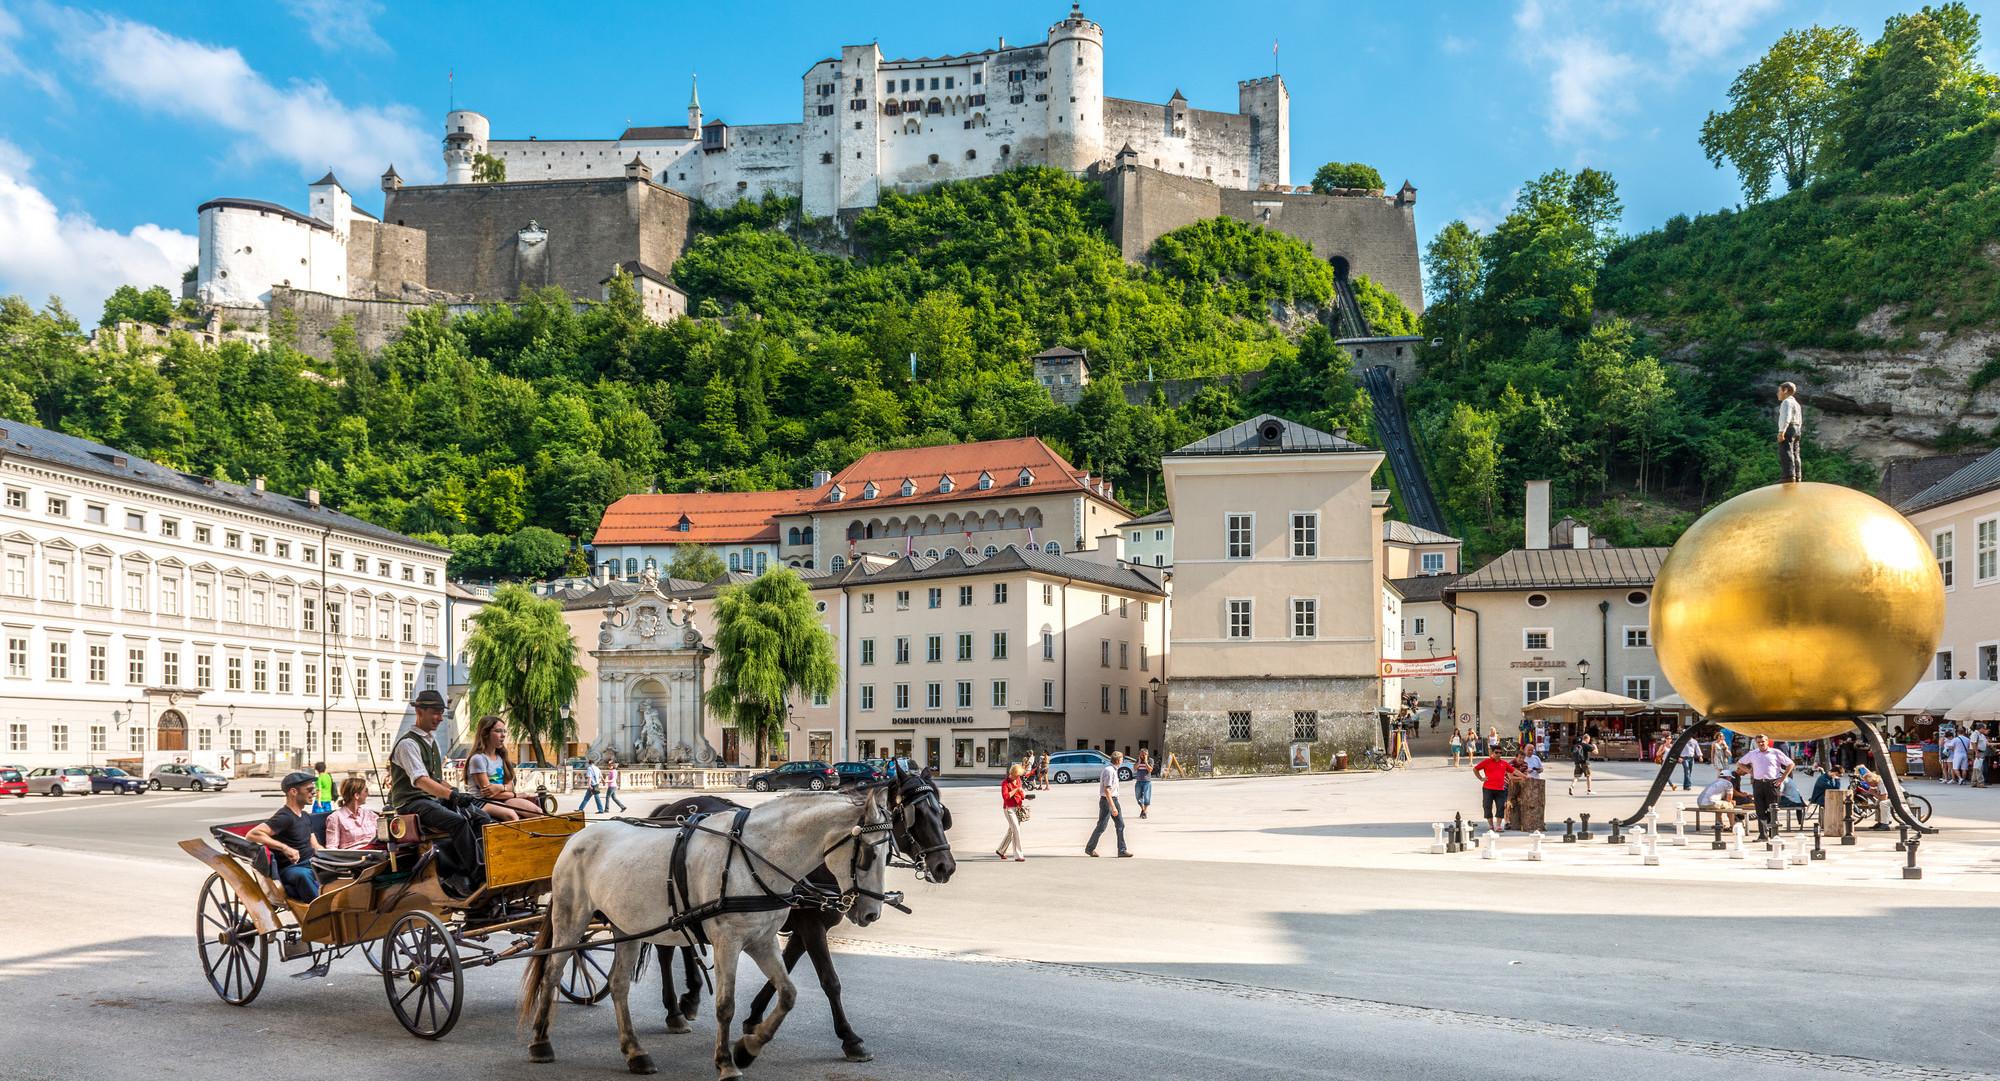 Die Altstadt und die Festung beim Urlaub in der Stadt Salzburg